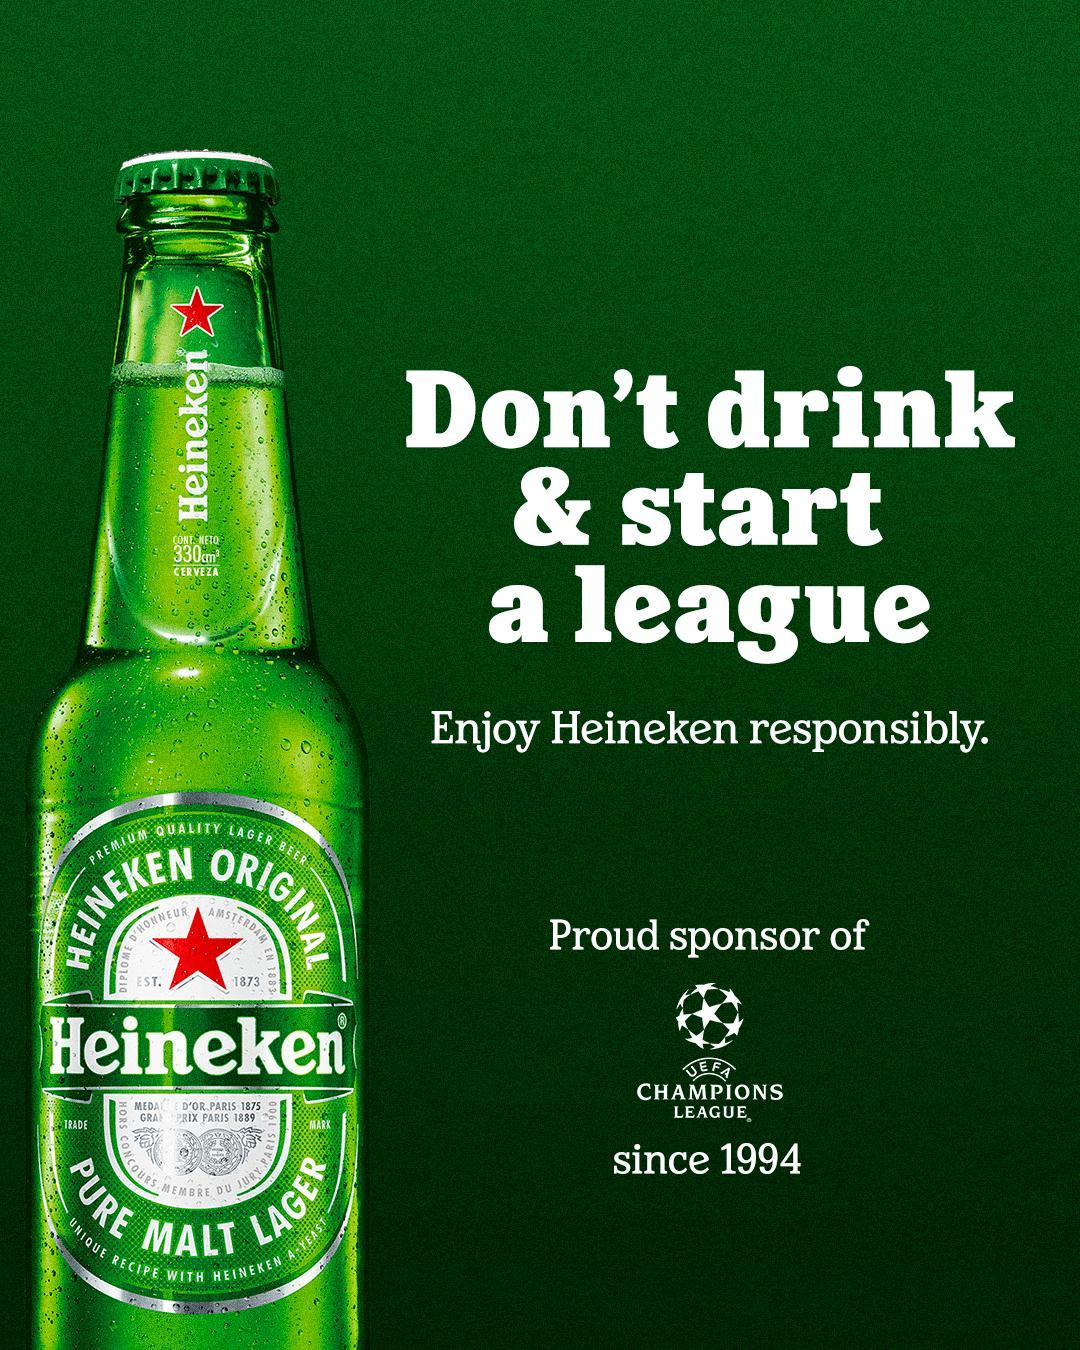 Heineken-super-league-troll-twitter-uefa